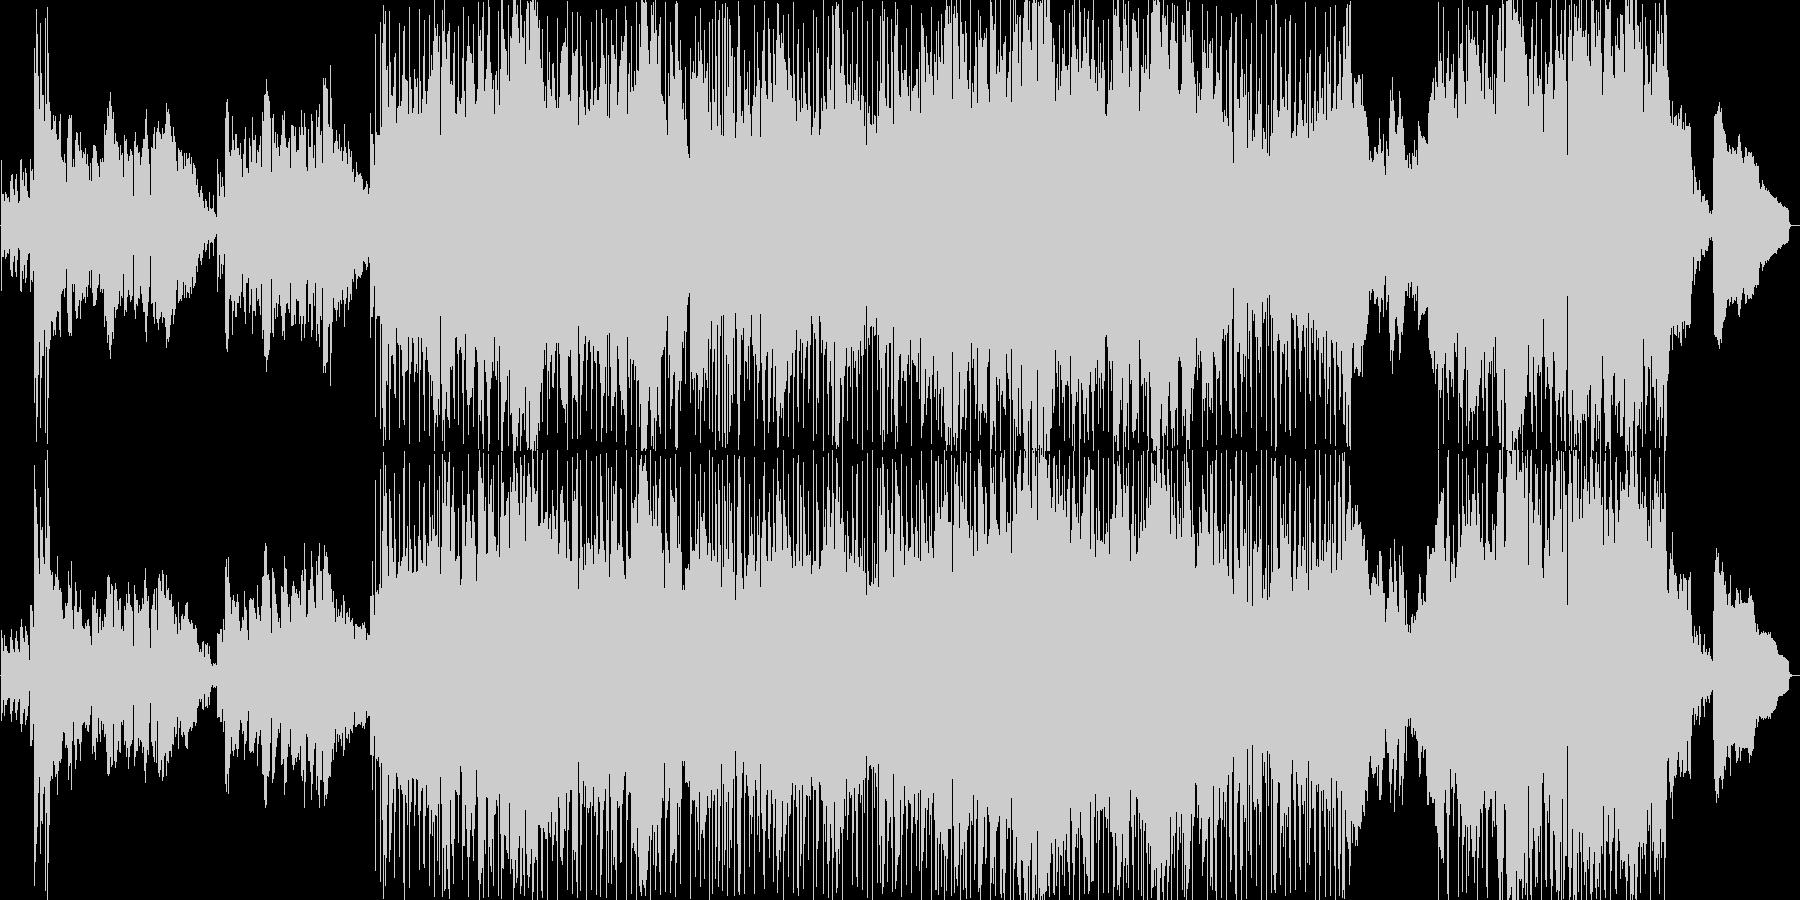 キラキラした印象の明るいバラード2の未再生の波形